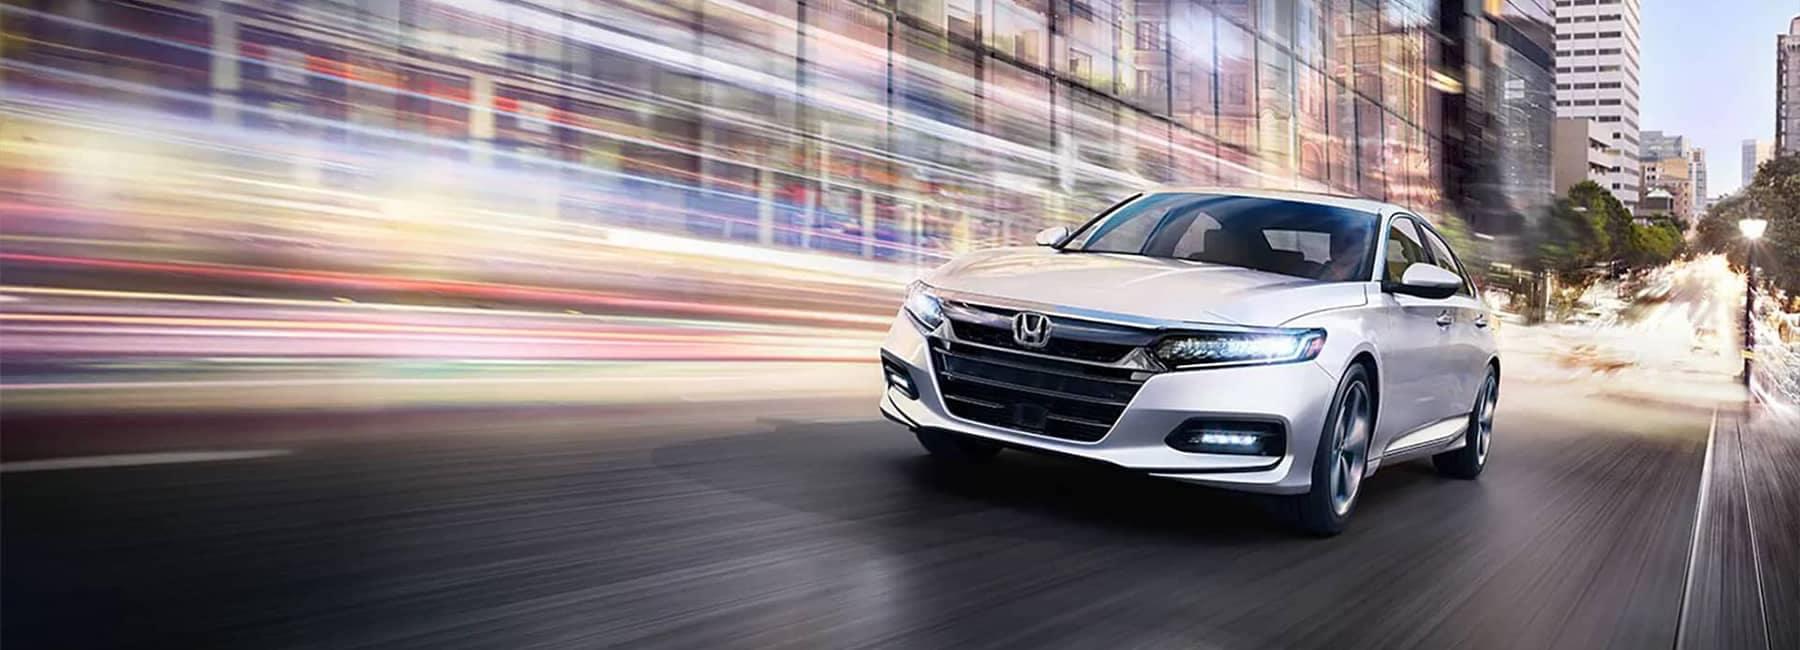 White 2020 Honda Accord Touring Driving